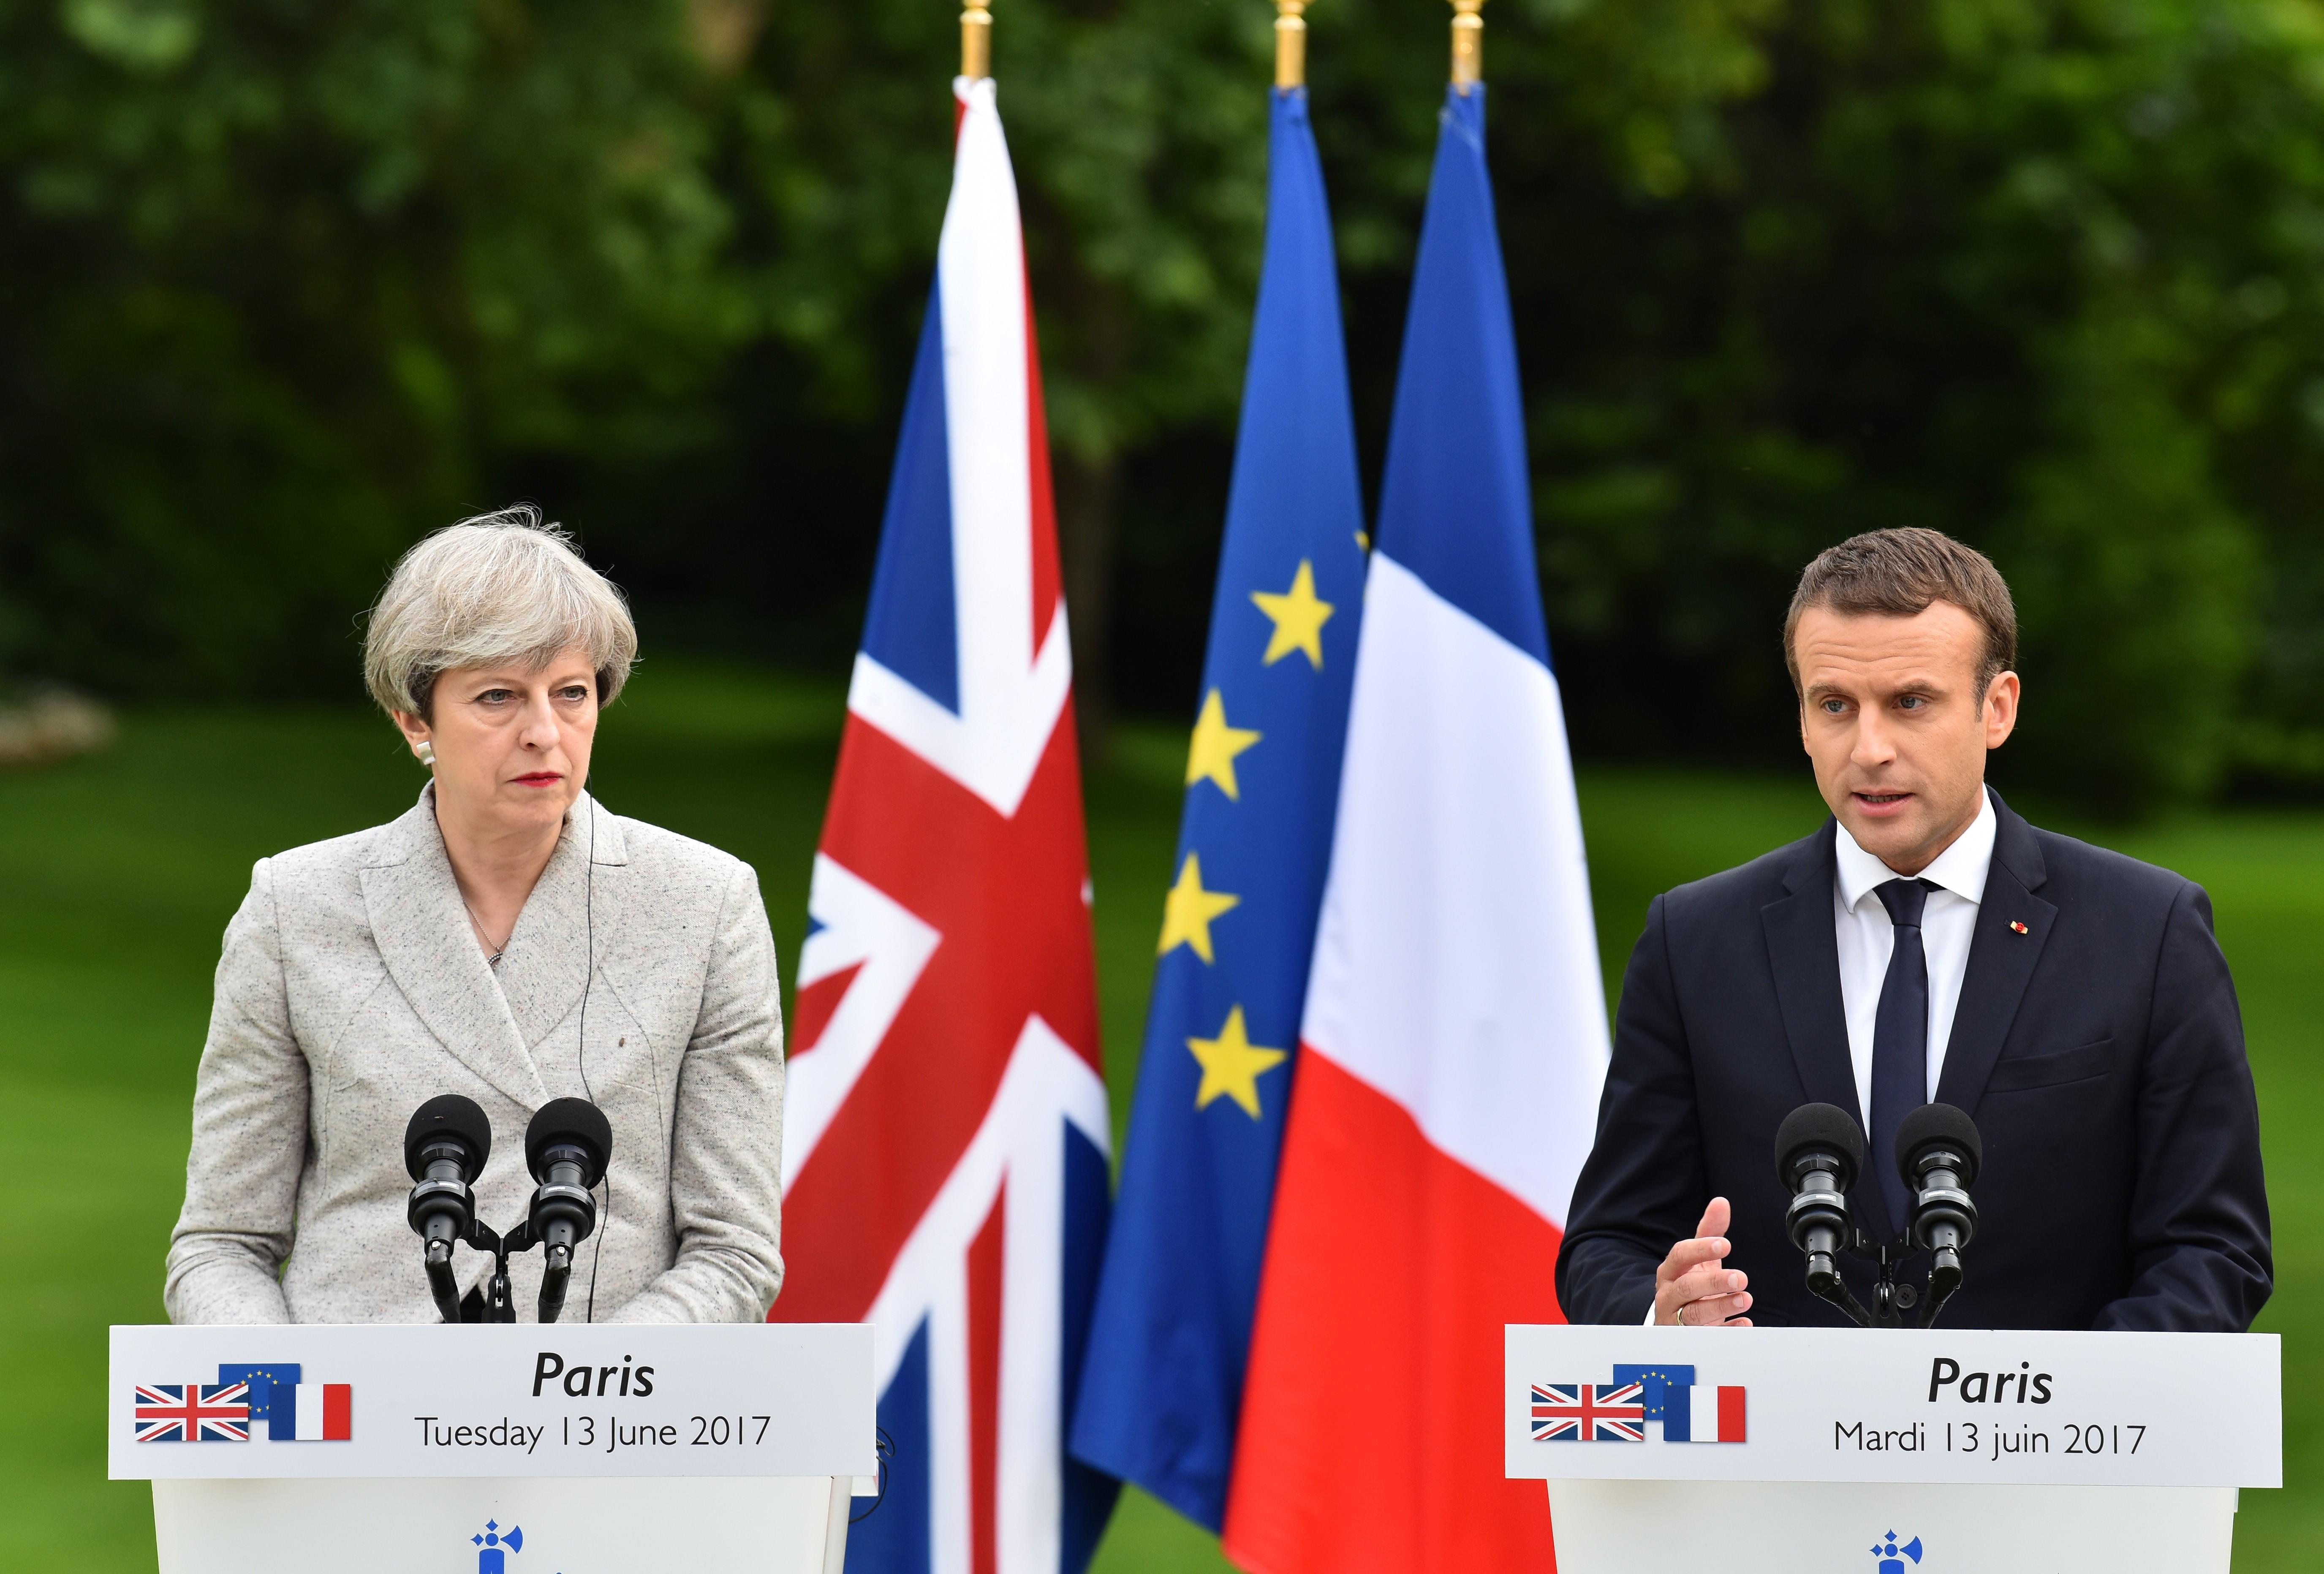 Emmanuel Macron - Theresa May meeting